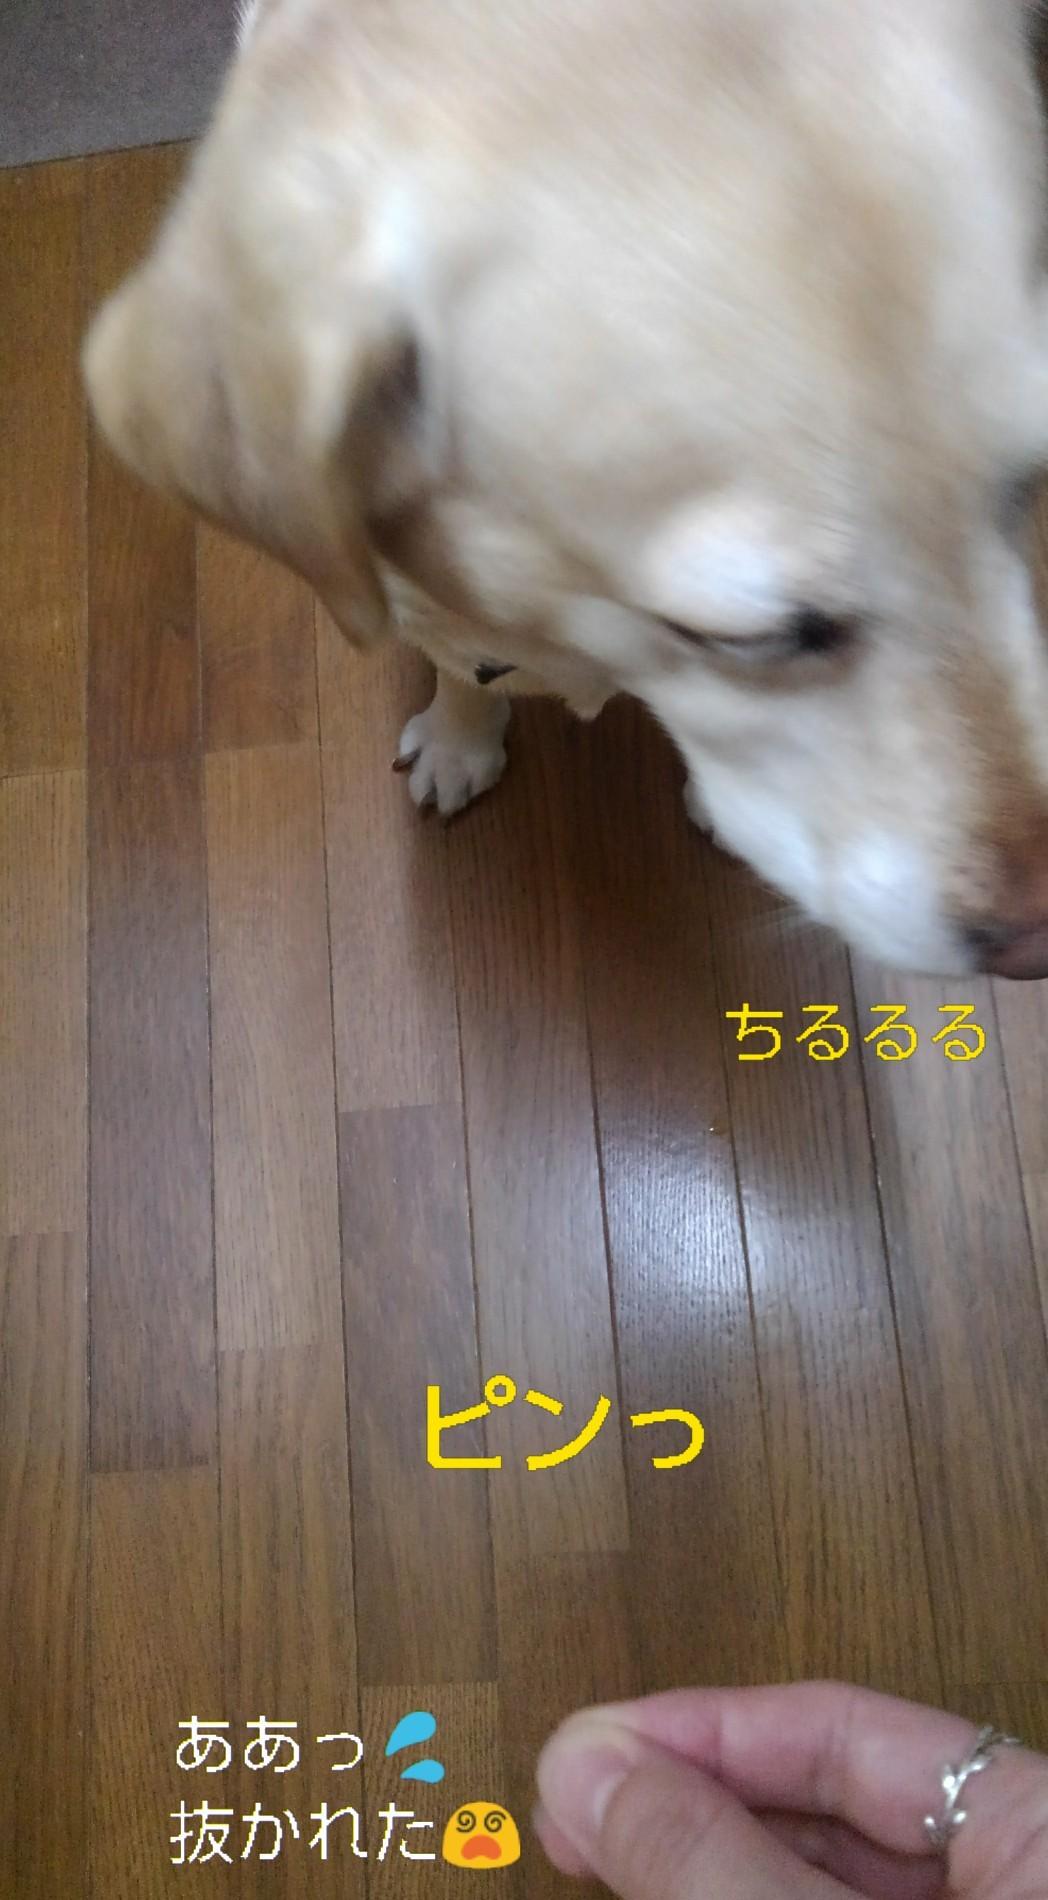 メリー、半田素麺の「コシ」を重要視する_b0339522_10043994.jpg